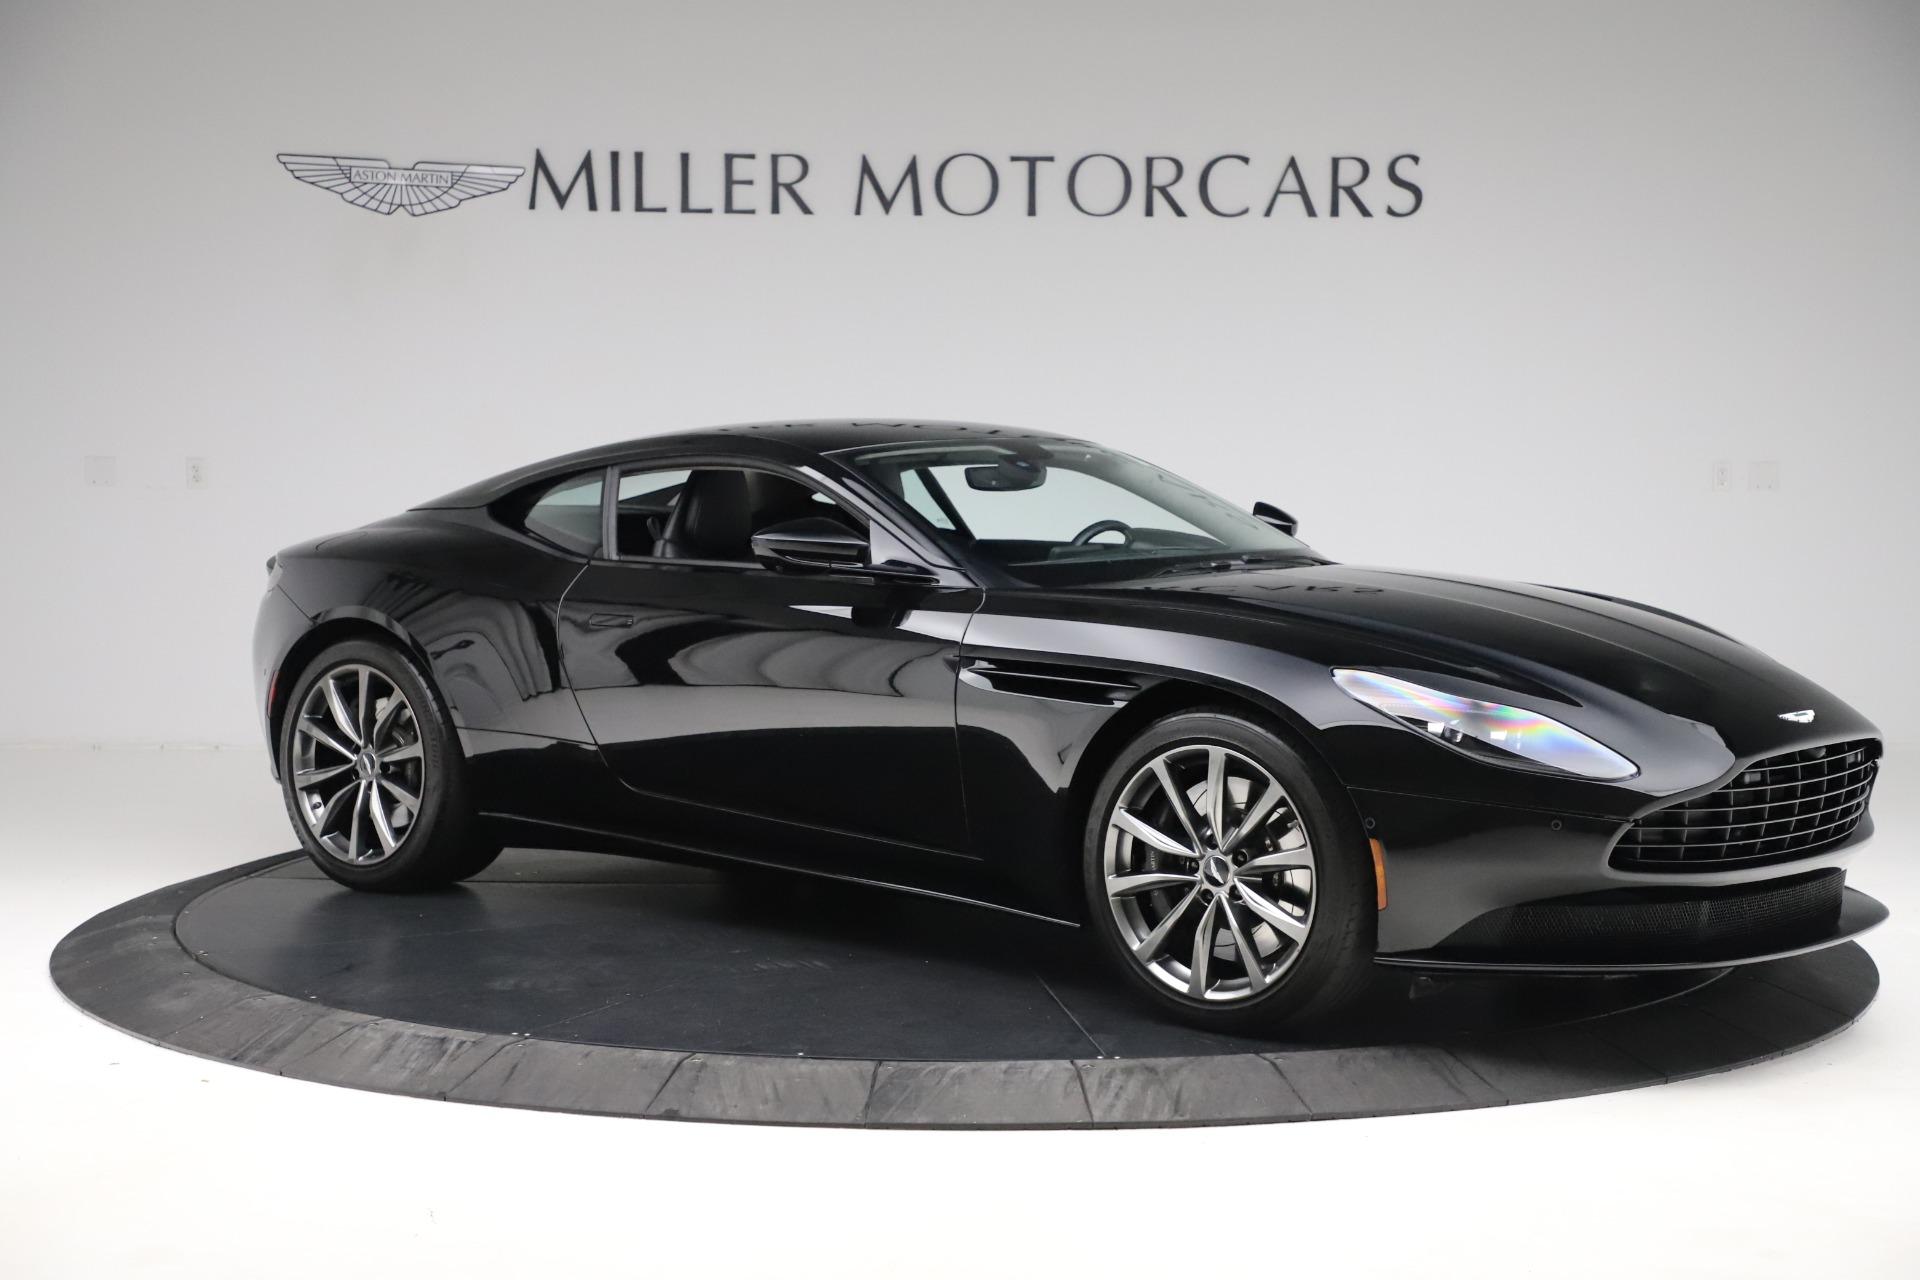 Pre Owned 2018 Aston Martin Db11 V8 For Sale Miller Motorcars Stock 7675